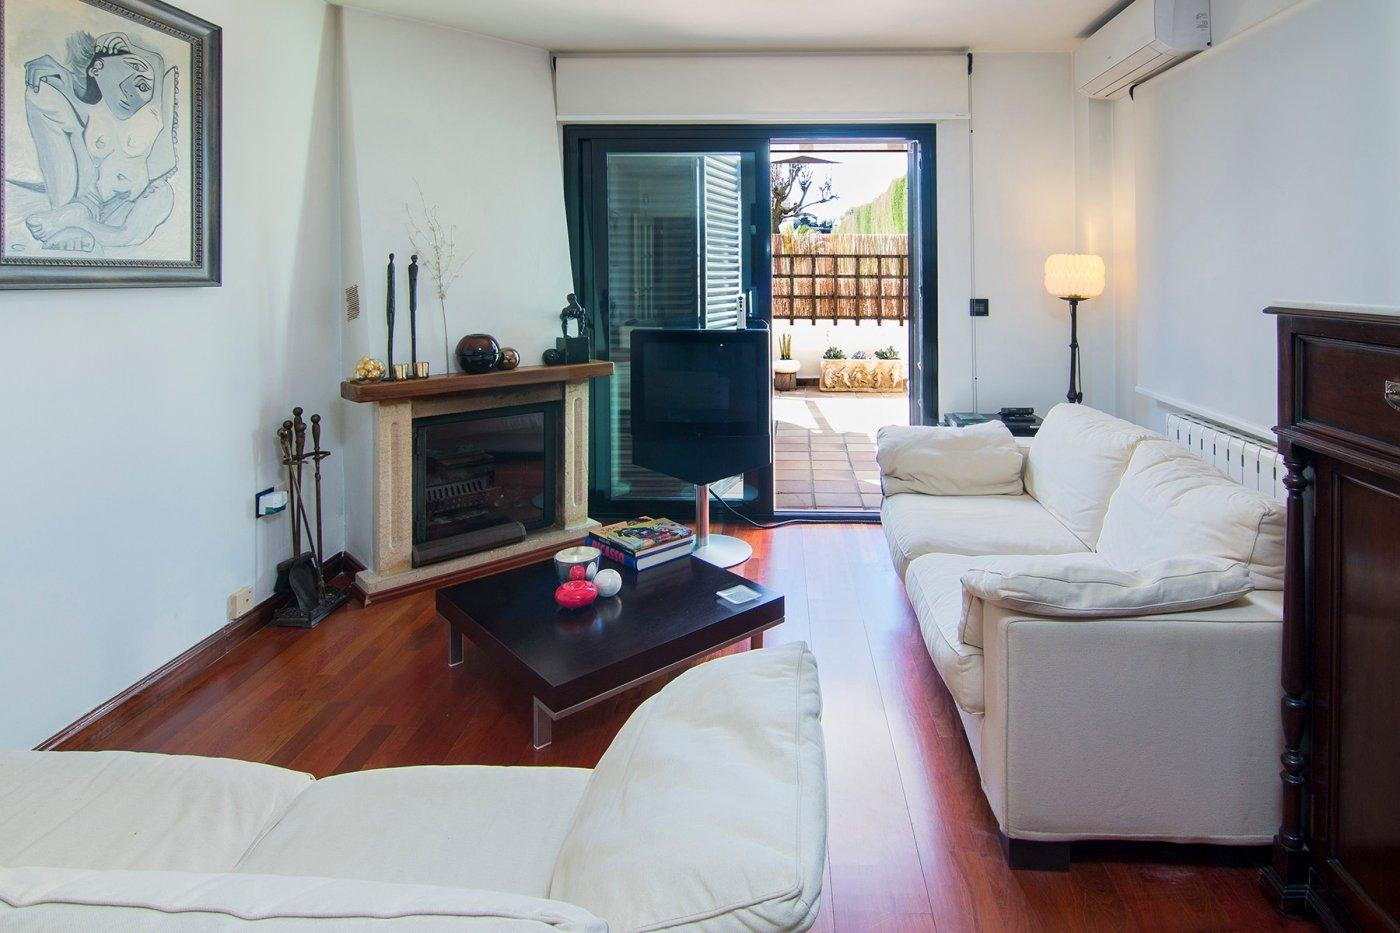 Coqueta casa en el barrio de Monachil, Granada